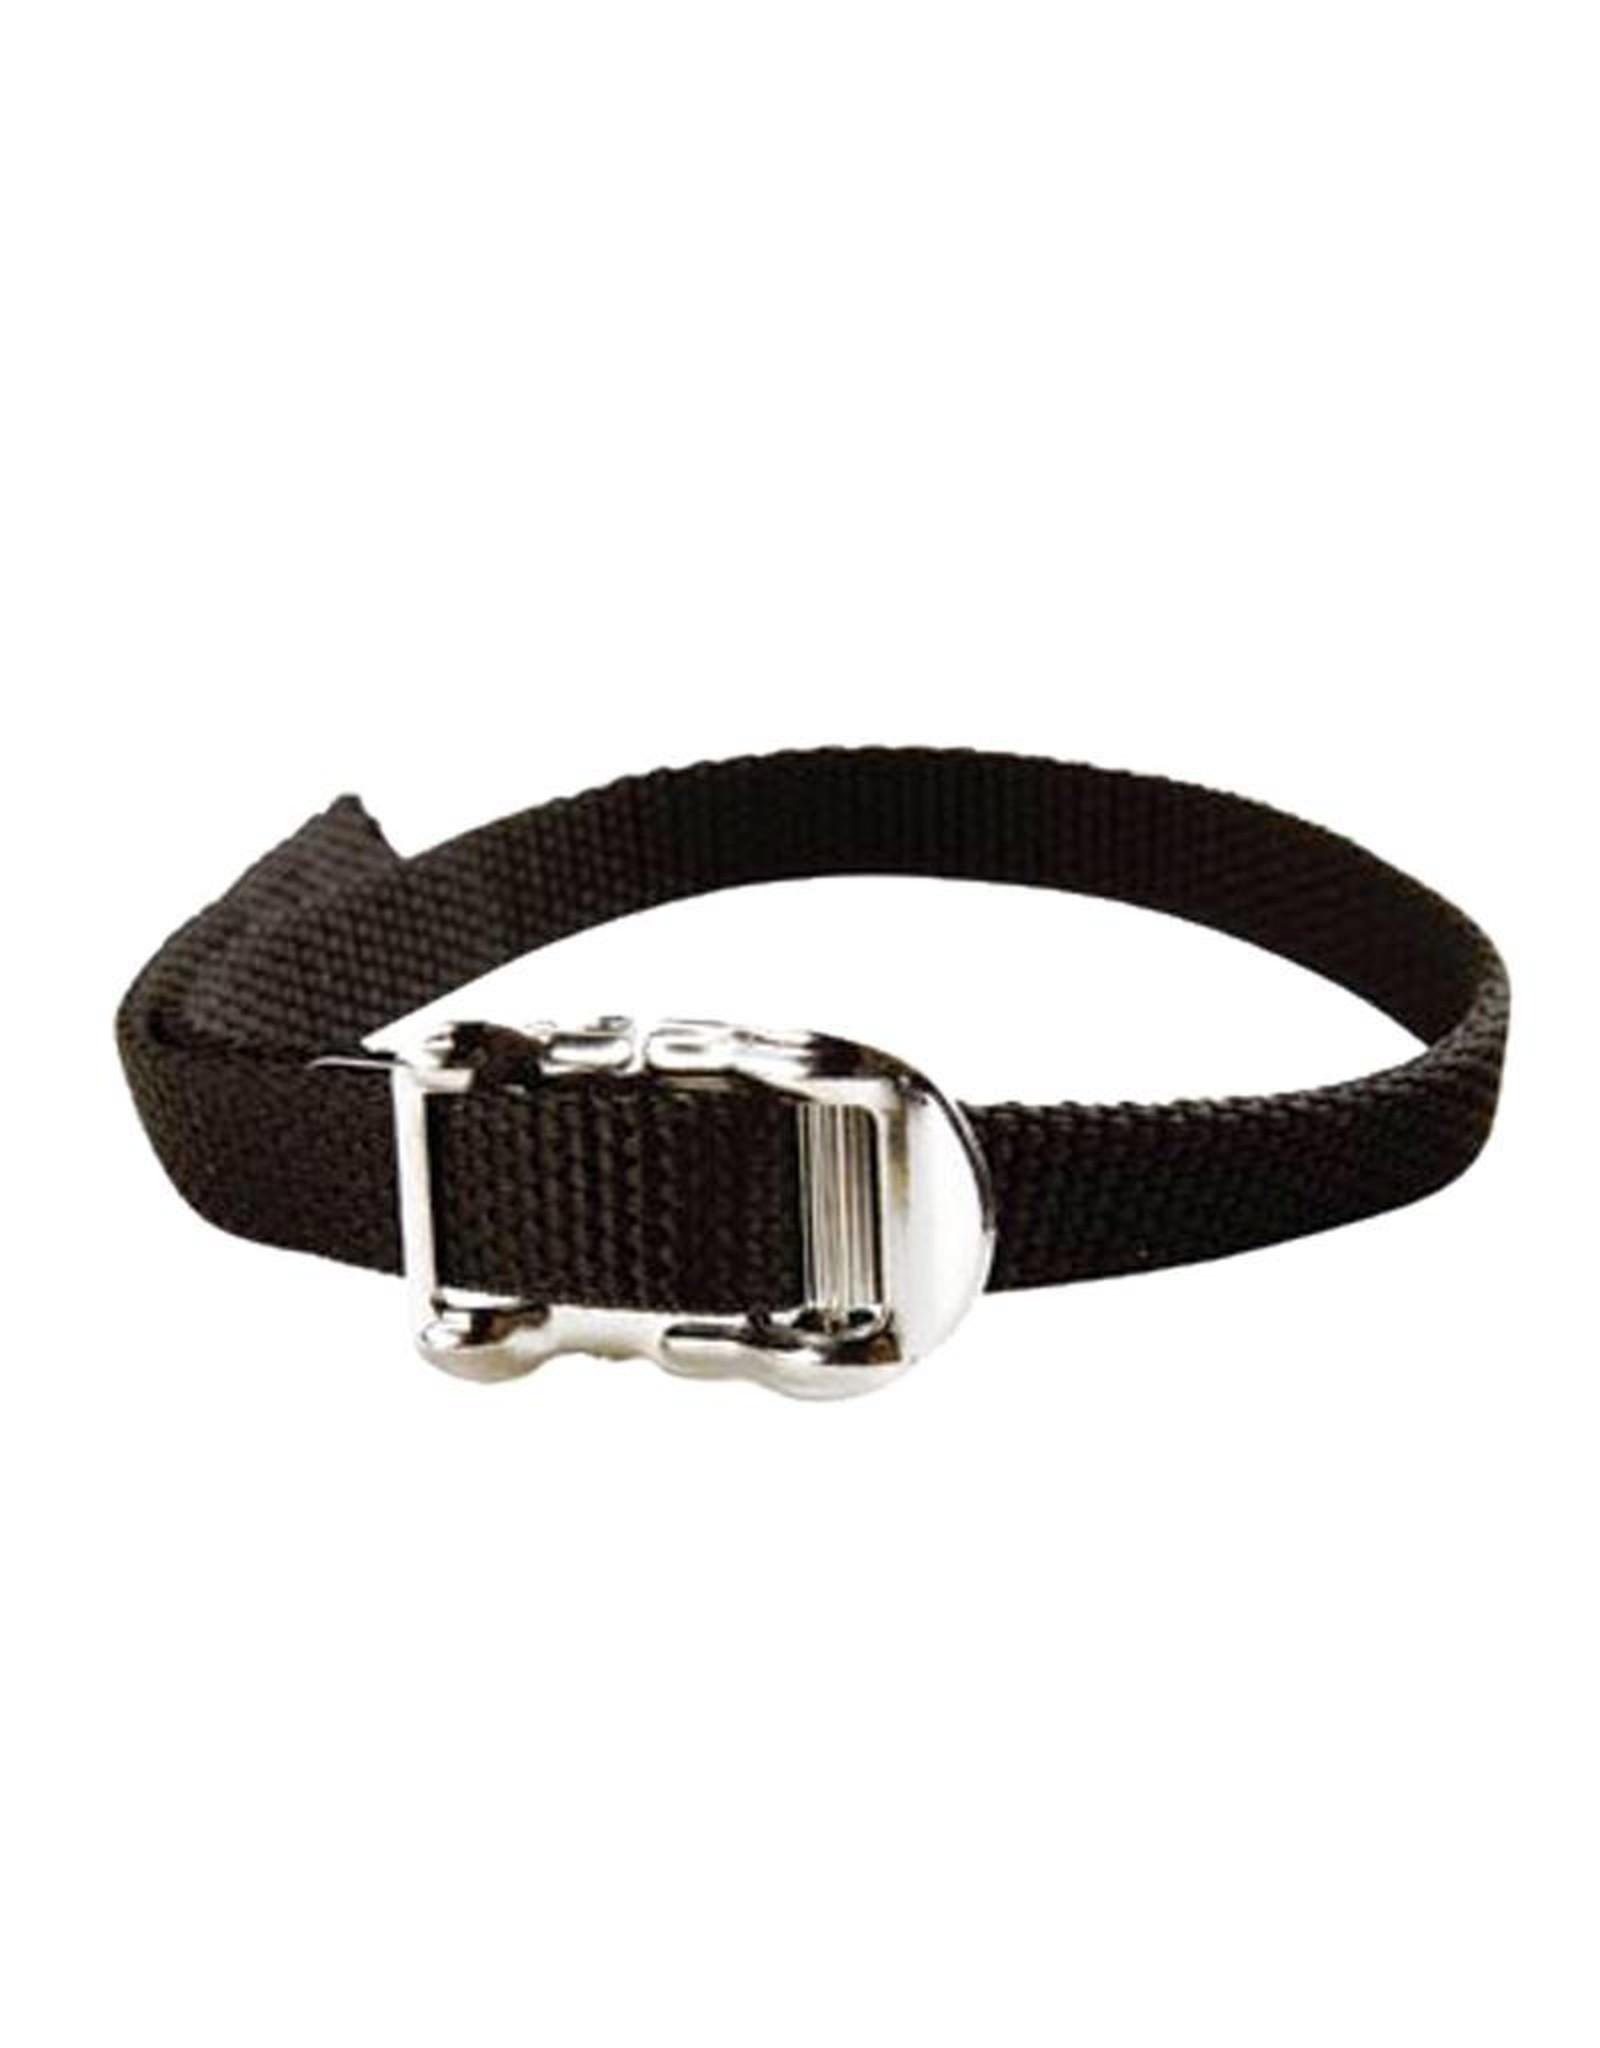 Wellgo Nylon straps